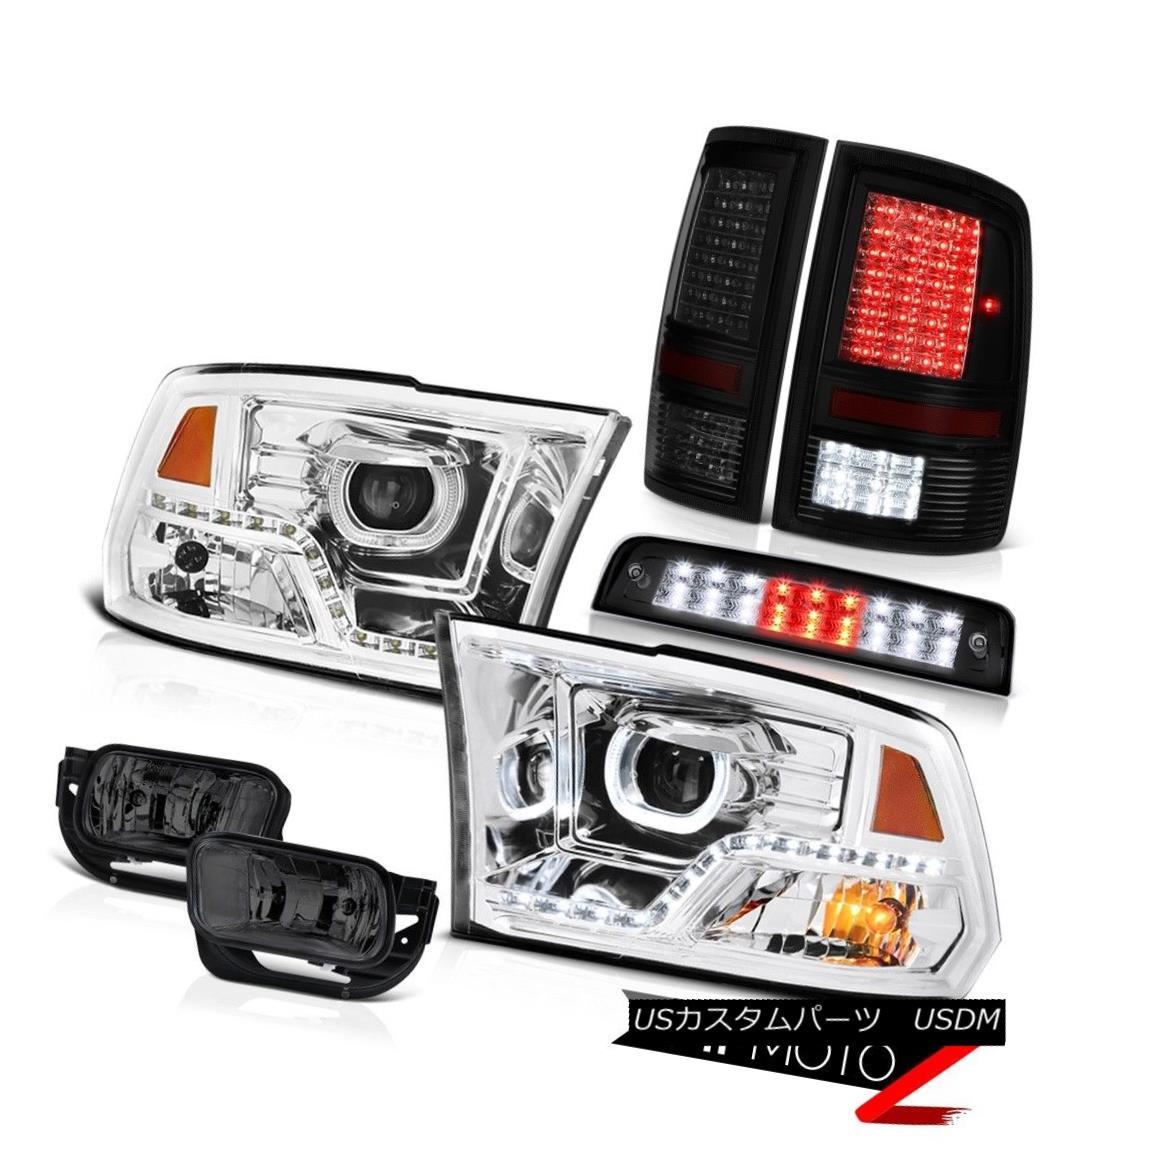 ヘッドライト 09 10 11 12 13 Dodge RAM 1500 Brake Light Chrome Head Lamp Led Tail Fog Lights 09 10 11 12 13ダッジRAM 1500ブレーキライトクロームヘッドランプLedテールフォグライト